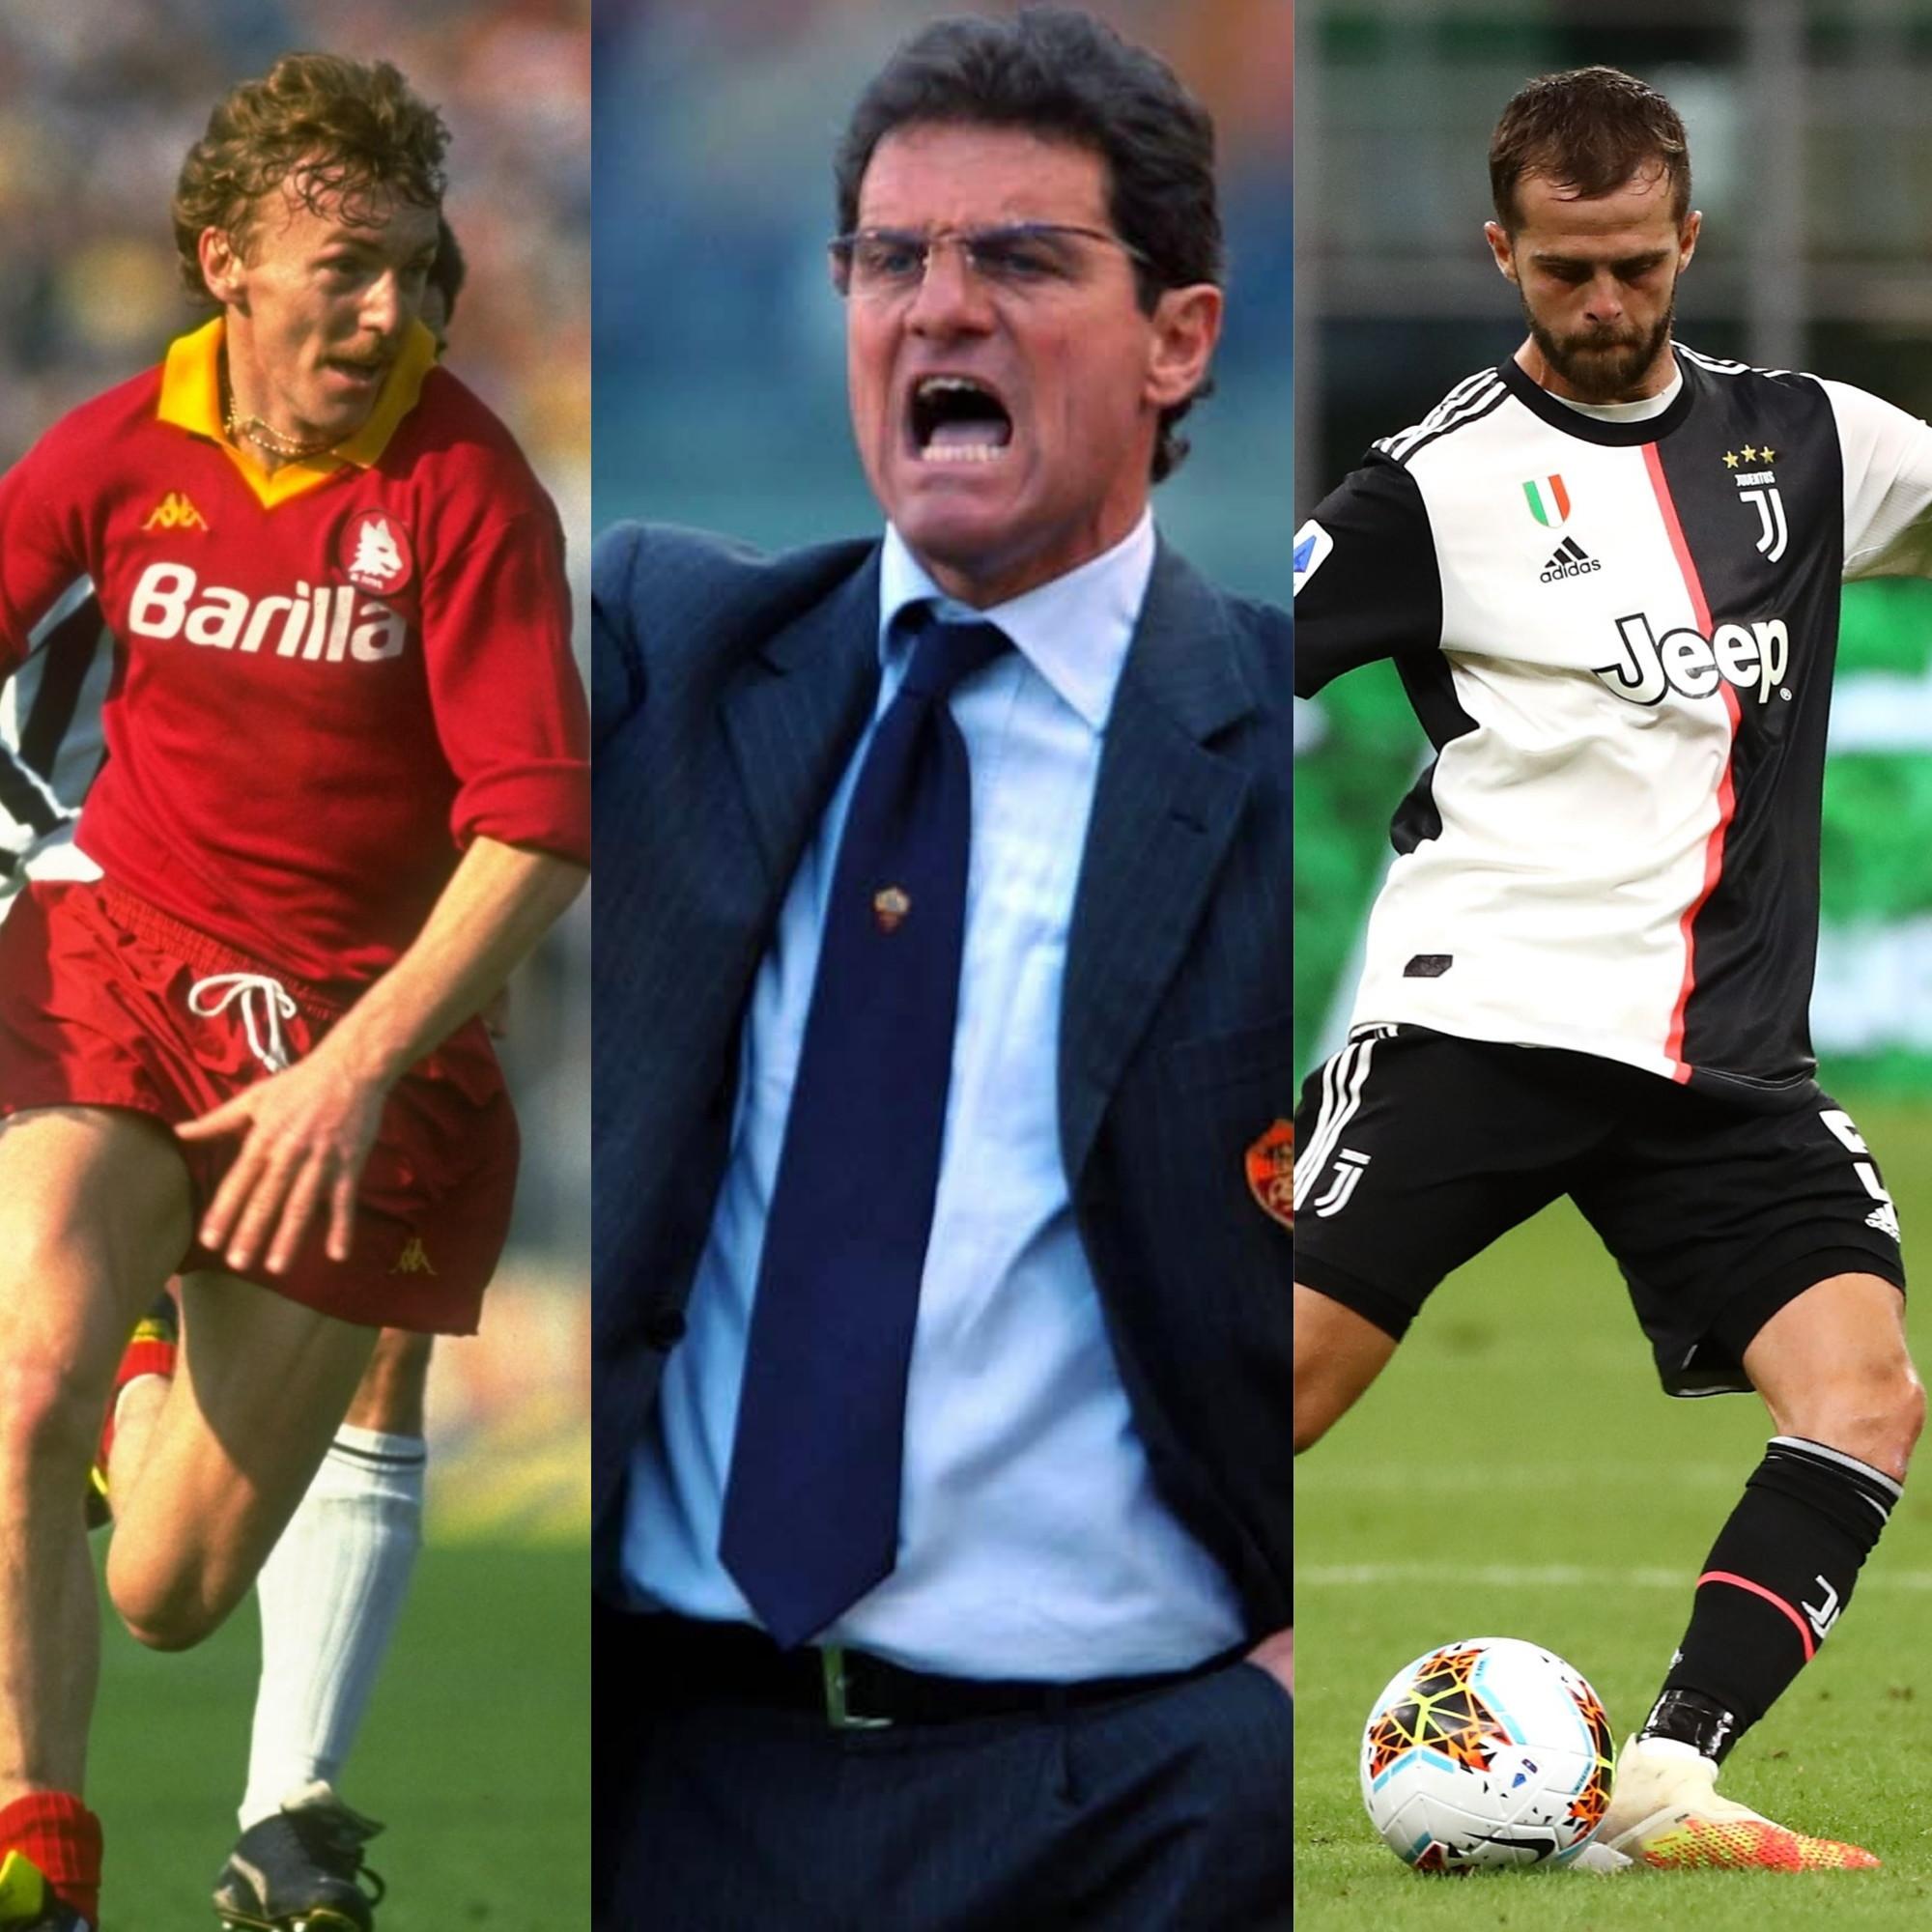 Da Fabio Capello a Leonardo Spinazzola, sono in 22 ad aver giocato (o allenato) sia con i colori bianconeri che con quelli giallorossi.<br /><br />